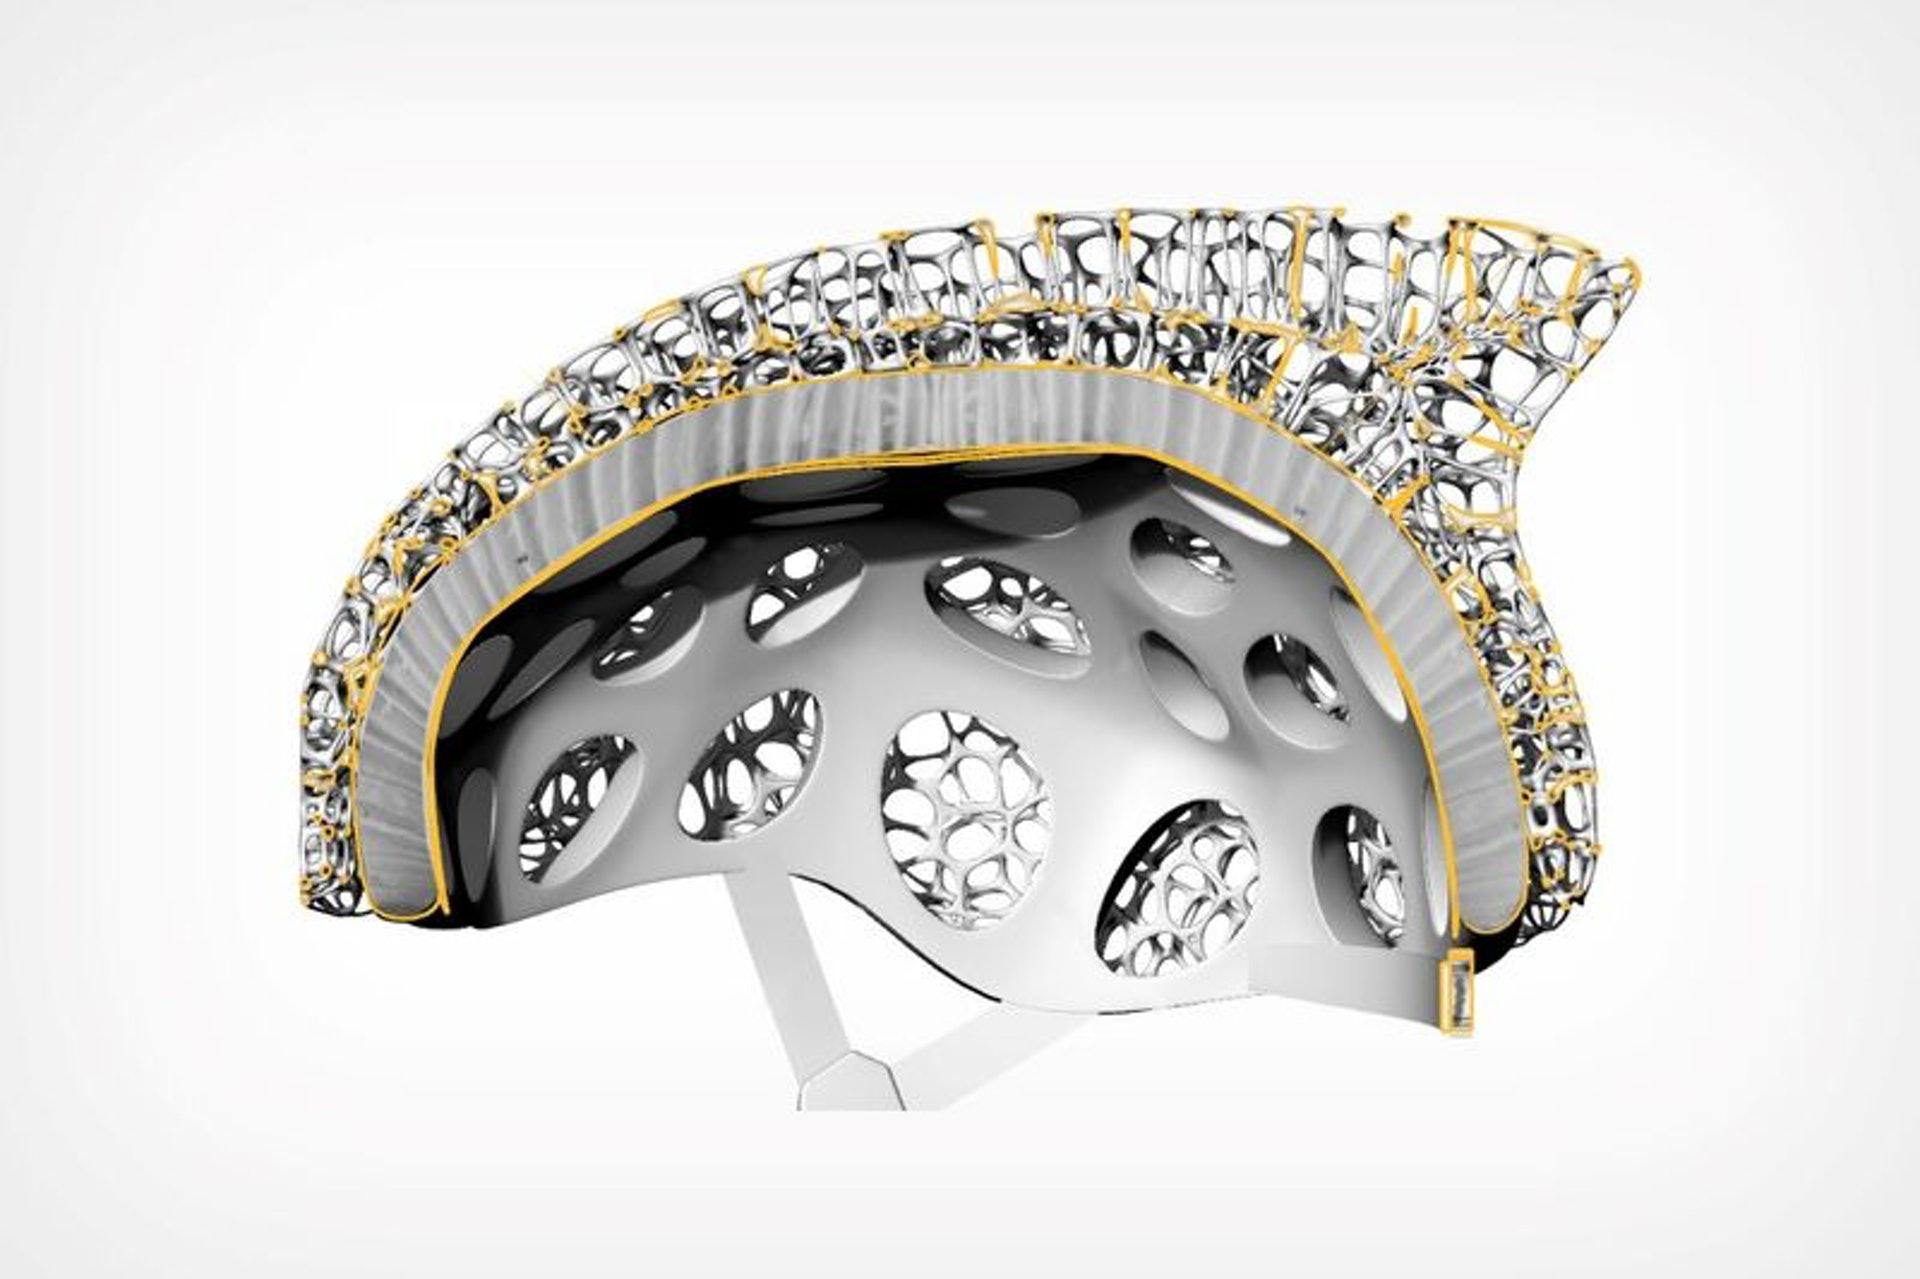 結合底層的碳纖維盔保護殼,既可減少生產物料的浪費,亦令Voronoi單車頭盔比傳統設計輕巧得多。(網上圖片)